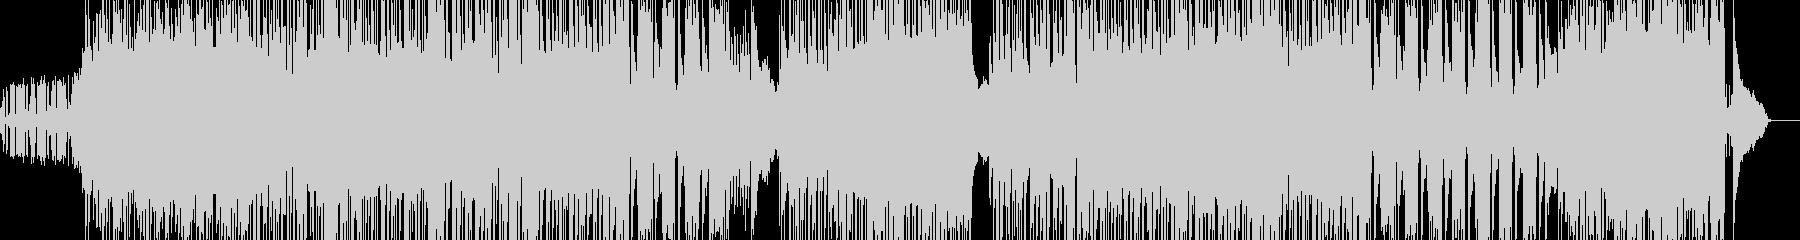 サックス&フルートのジャズドラムンベースの未再生の波形